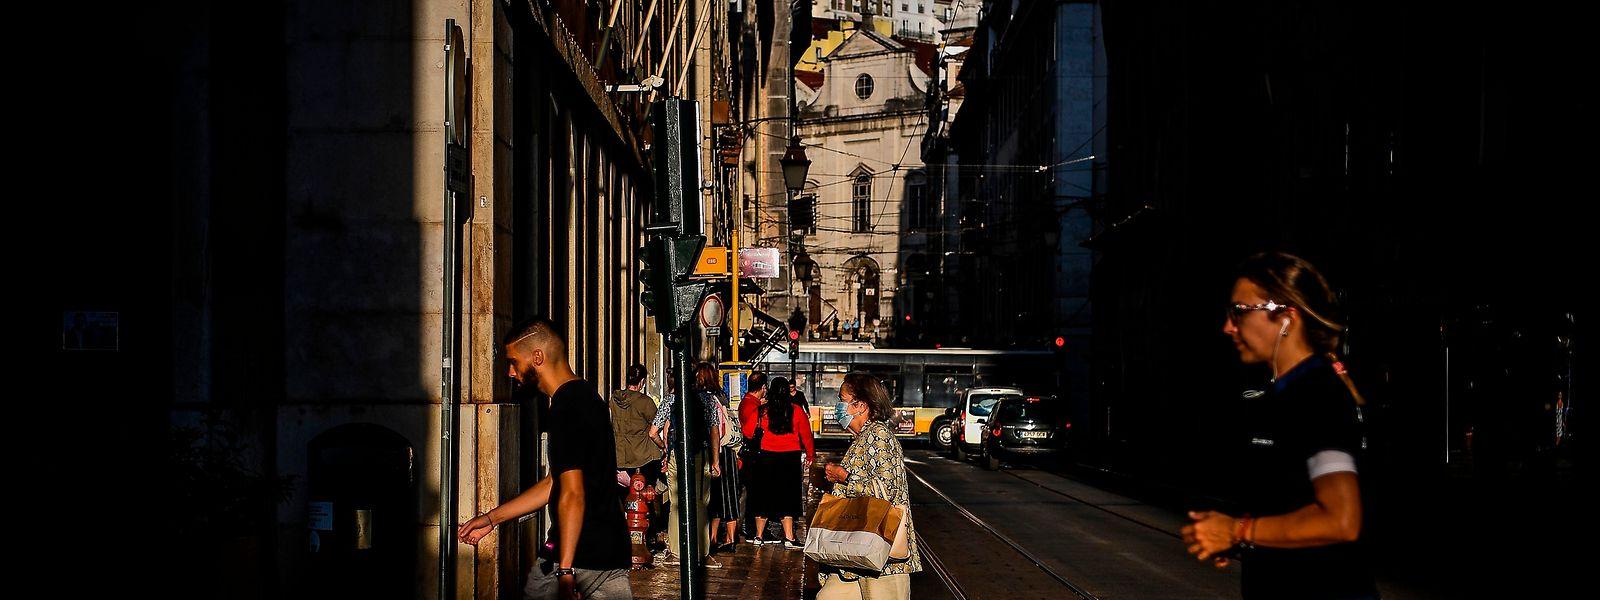 Les autorités portugaises réfléchissent à rendre obligatoire le port du masque en rue.